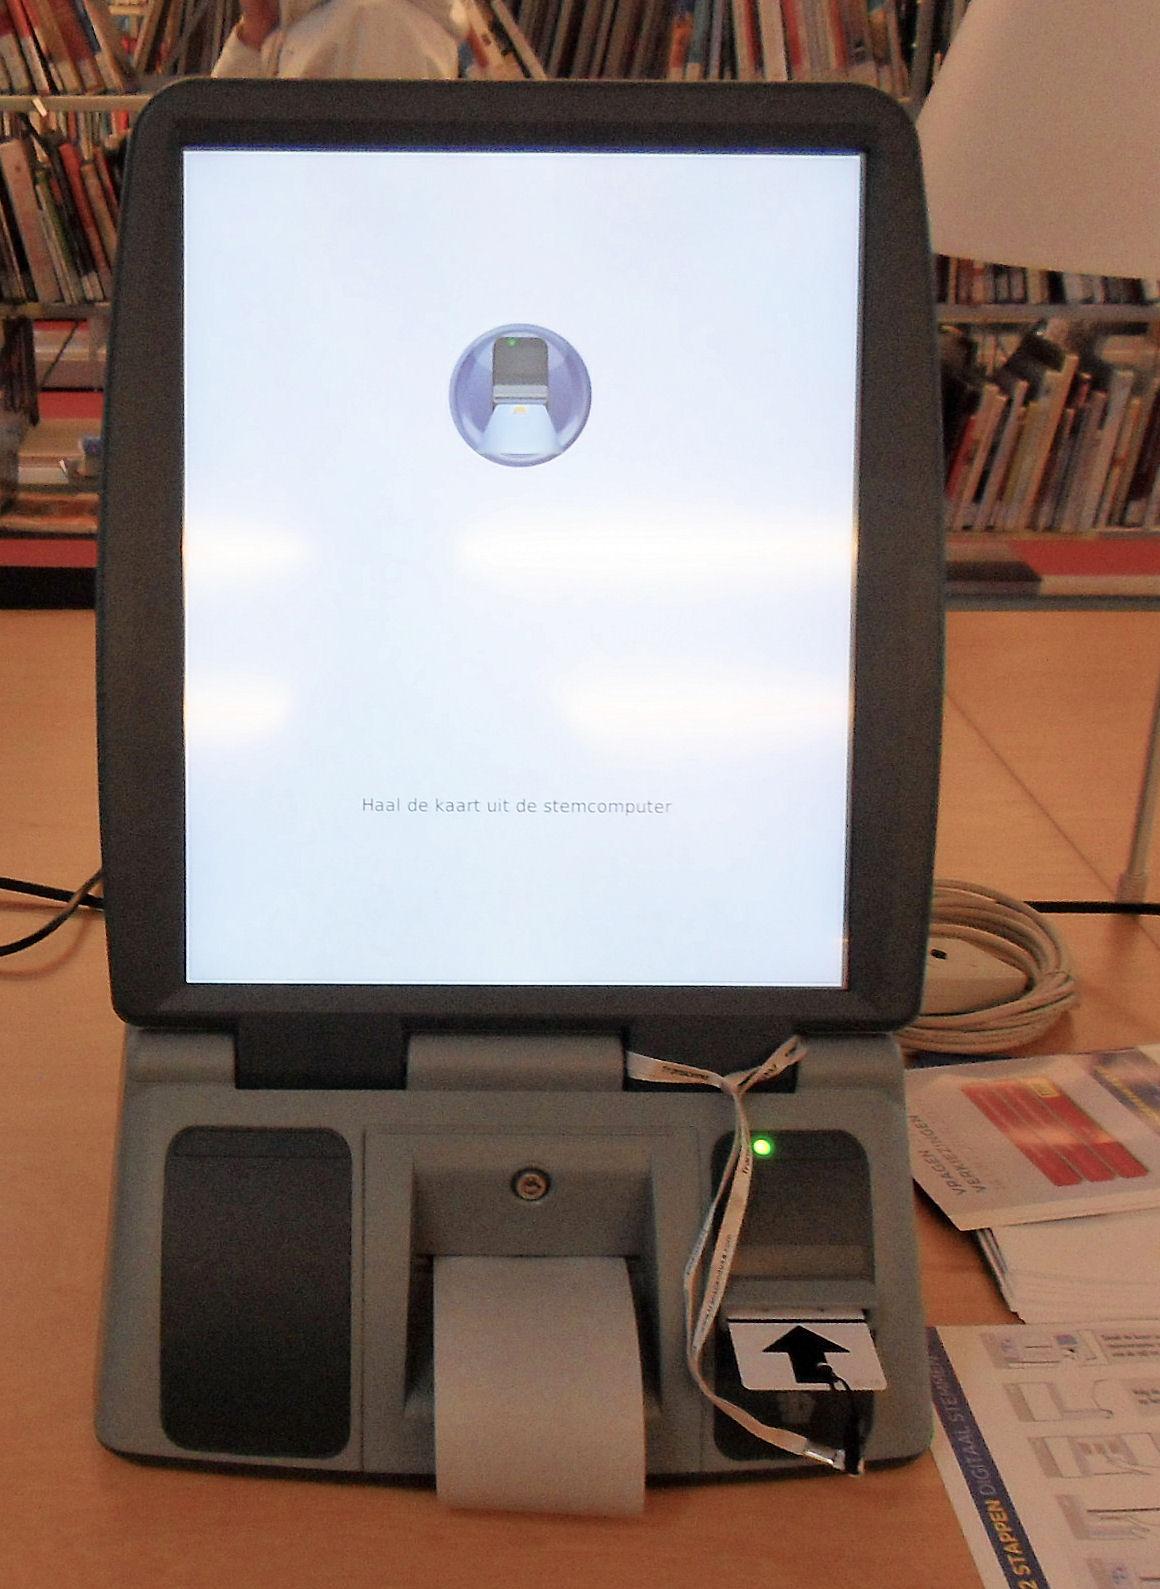 De stemcomputer - oog in oog met een toch wel vreemd apparaat